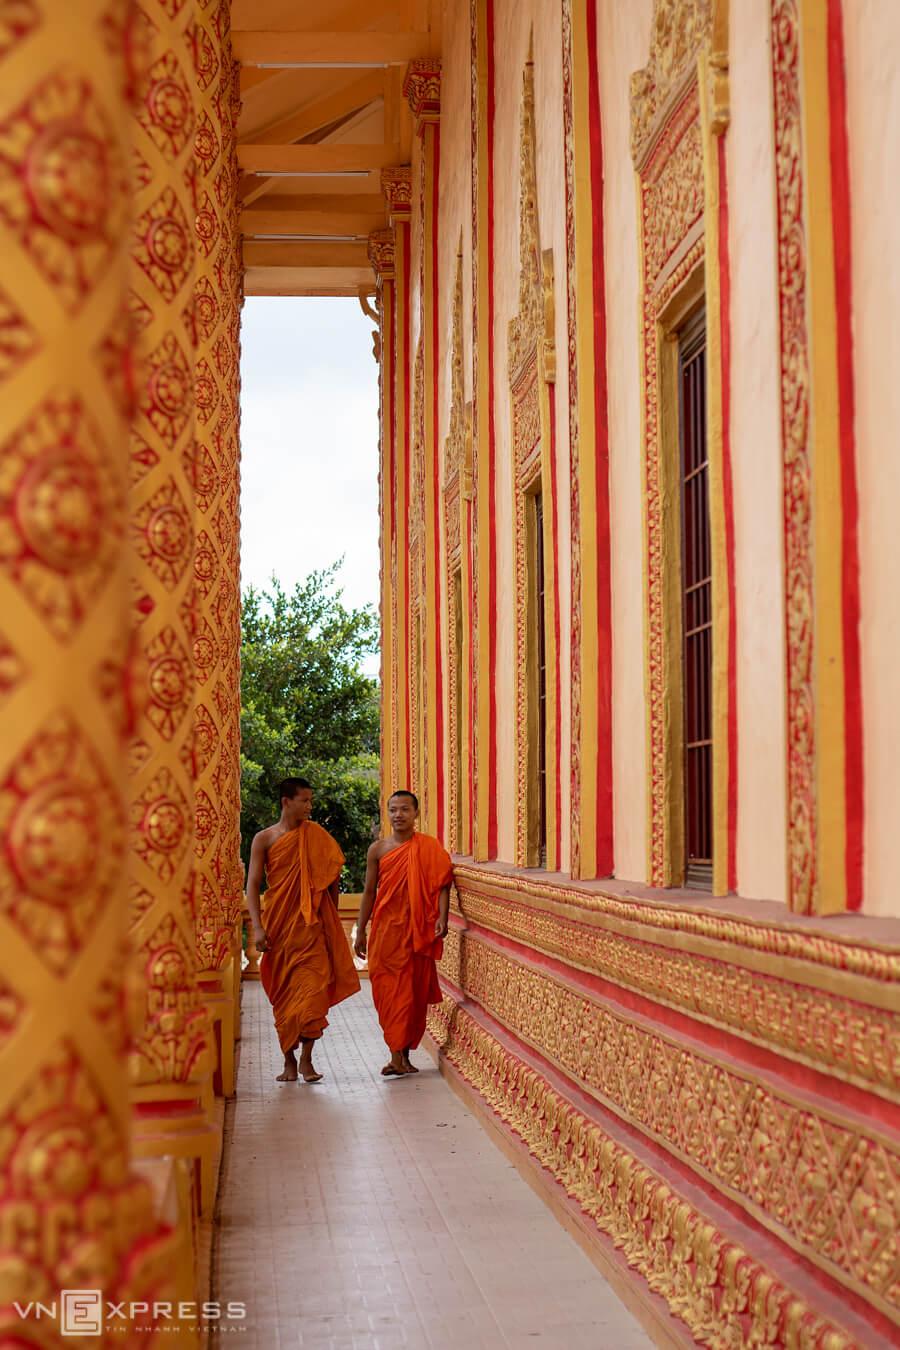 Chùa Xiêm Cán có kiến trúc độc đáo, và là nơi lưu giữ nhiều nét đẹp văn hóa trong đời sống tâm linh của đồng bào dân tộc người Khmer. Ở Nam Bộ, chùa ngôi chùa được xem là một trong những biểu tượng cho lối kiến trúc - văn hóa đặc sắc của người Khmer.